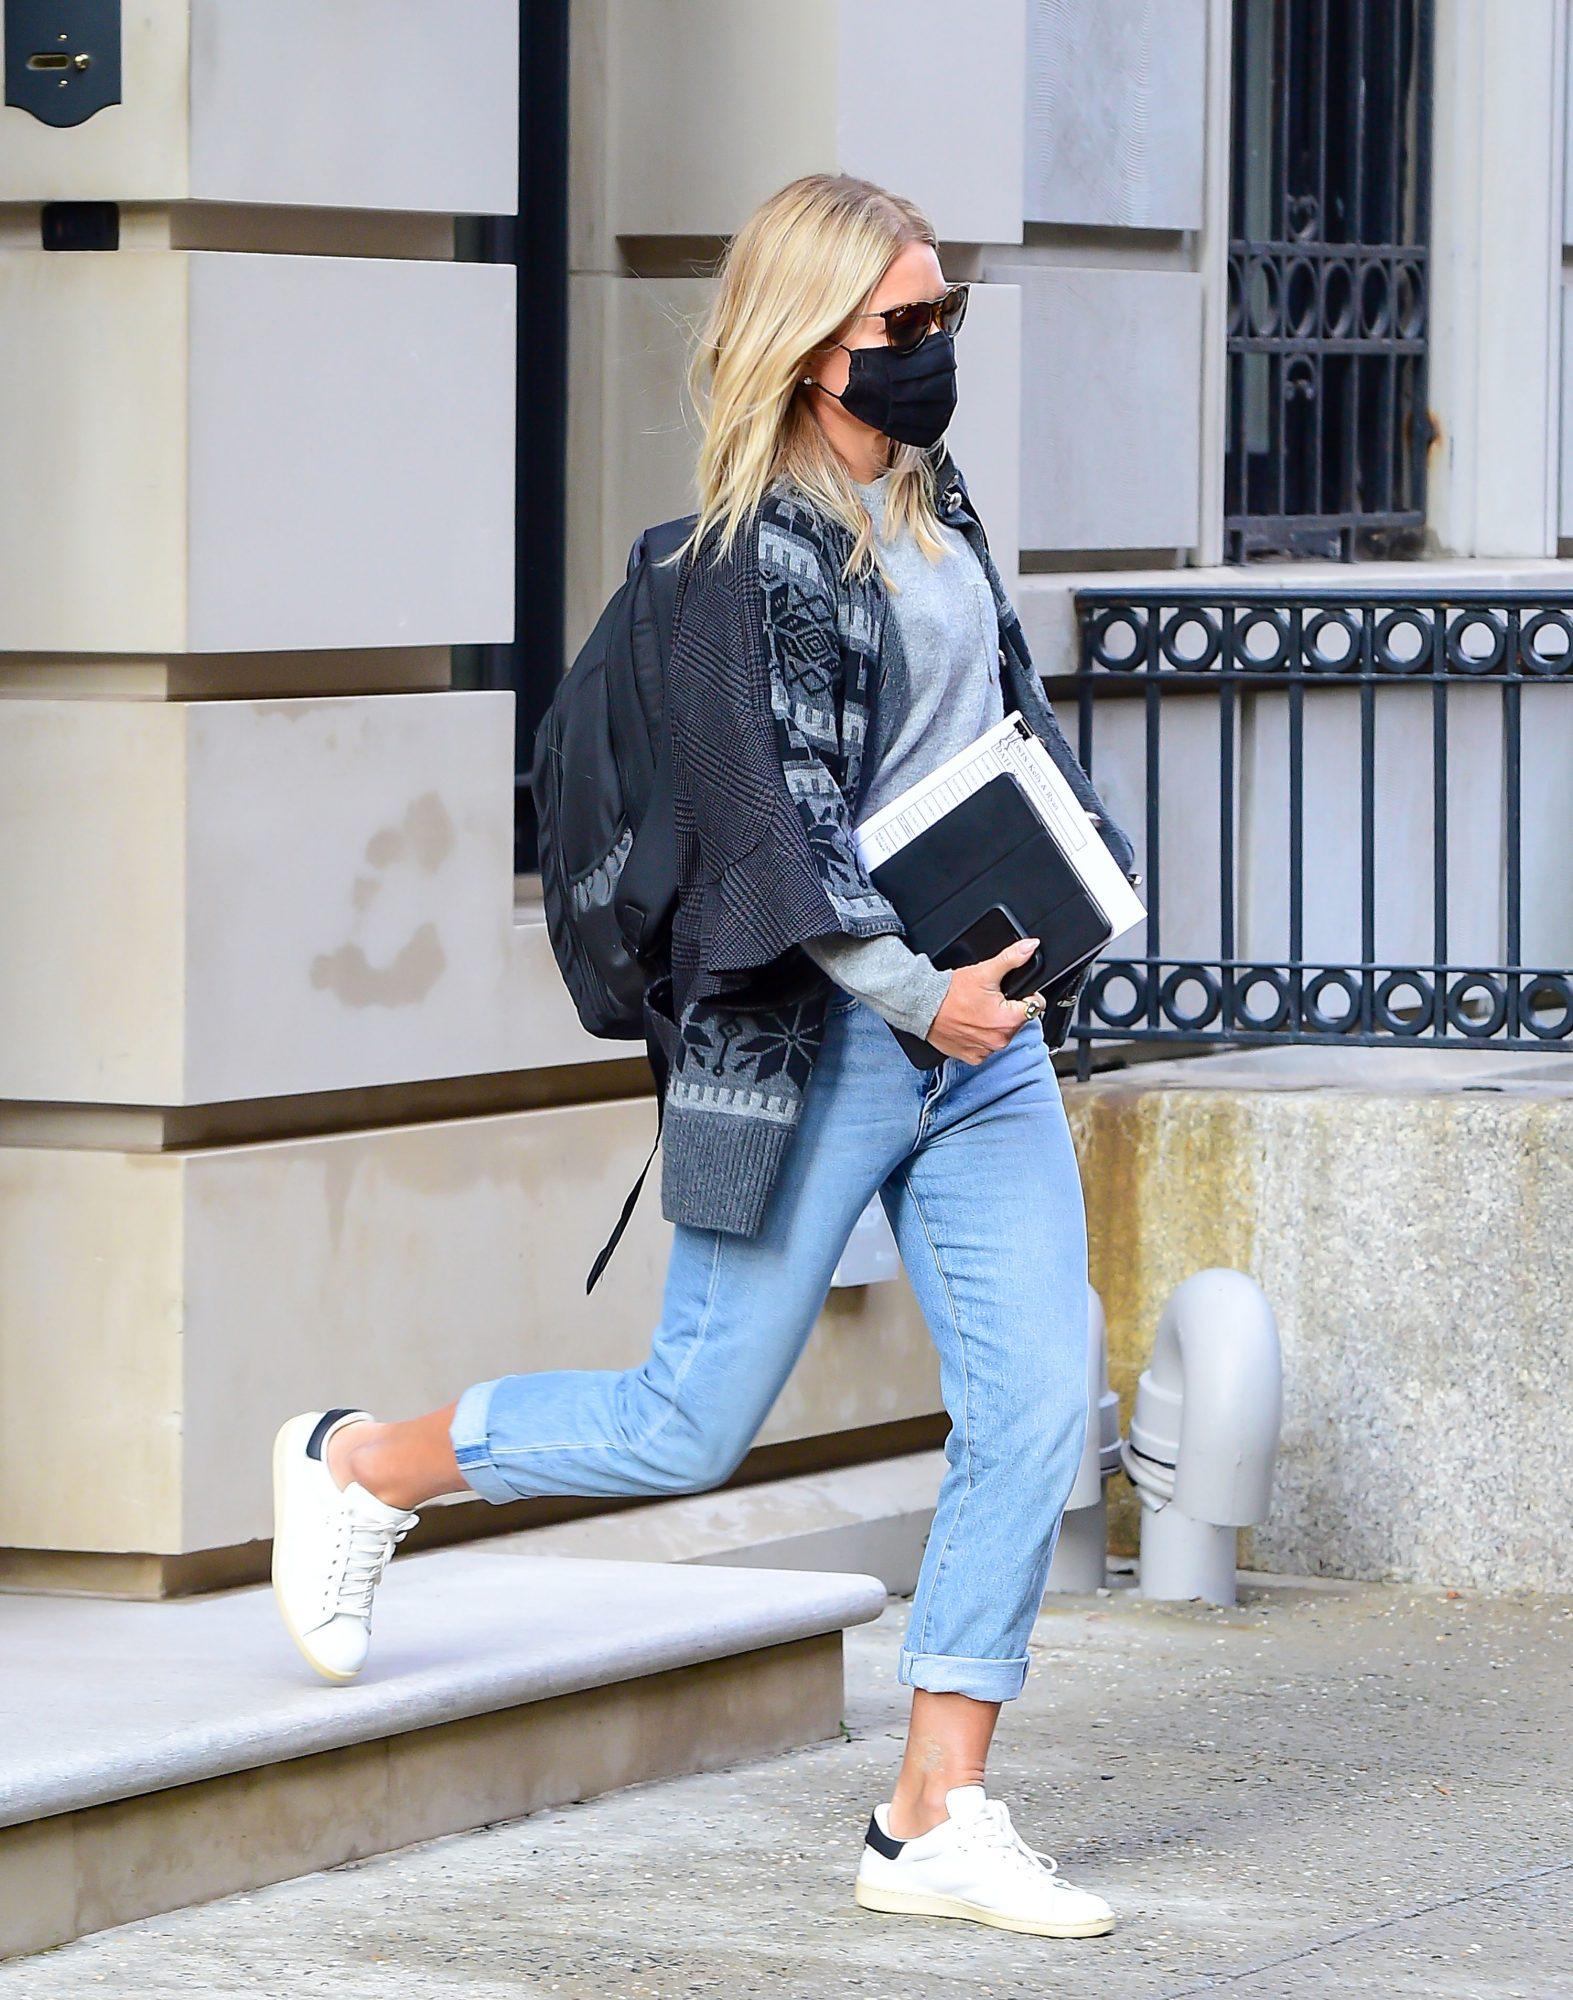 Kelly Ripa Wearing Jen7 Jeans